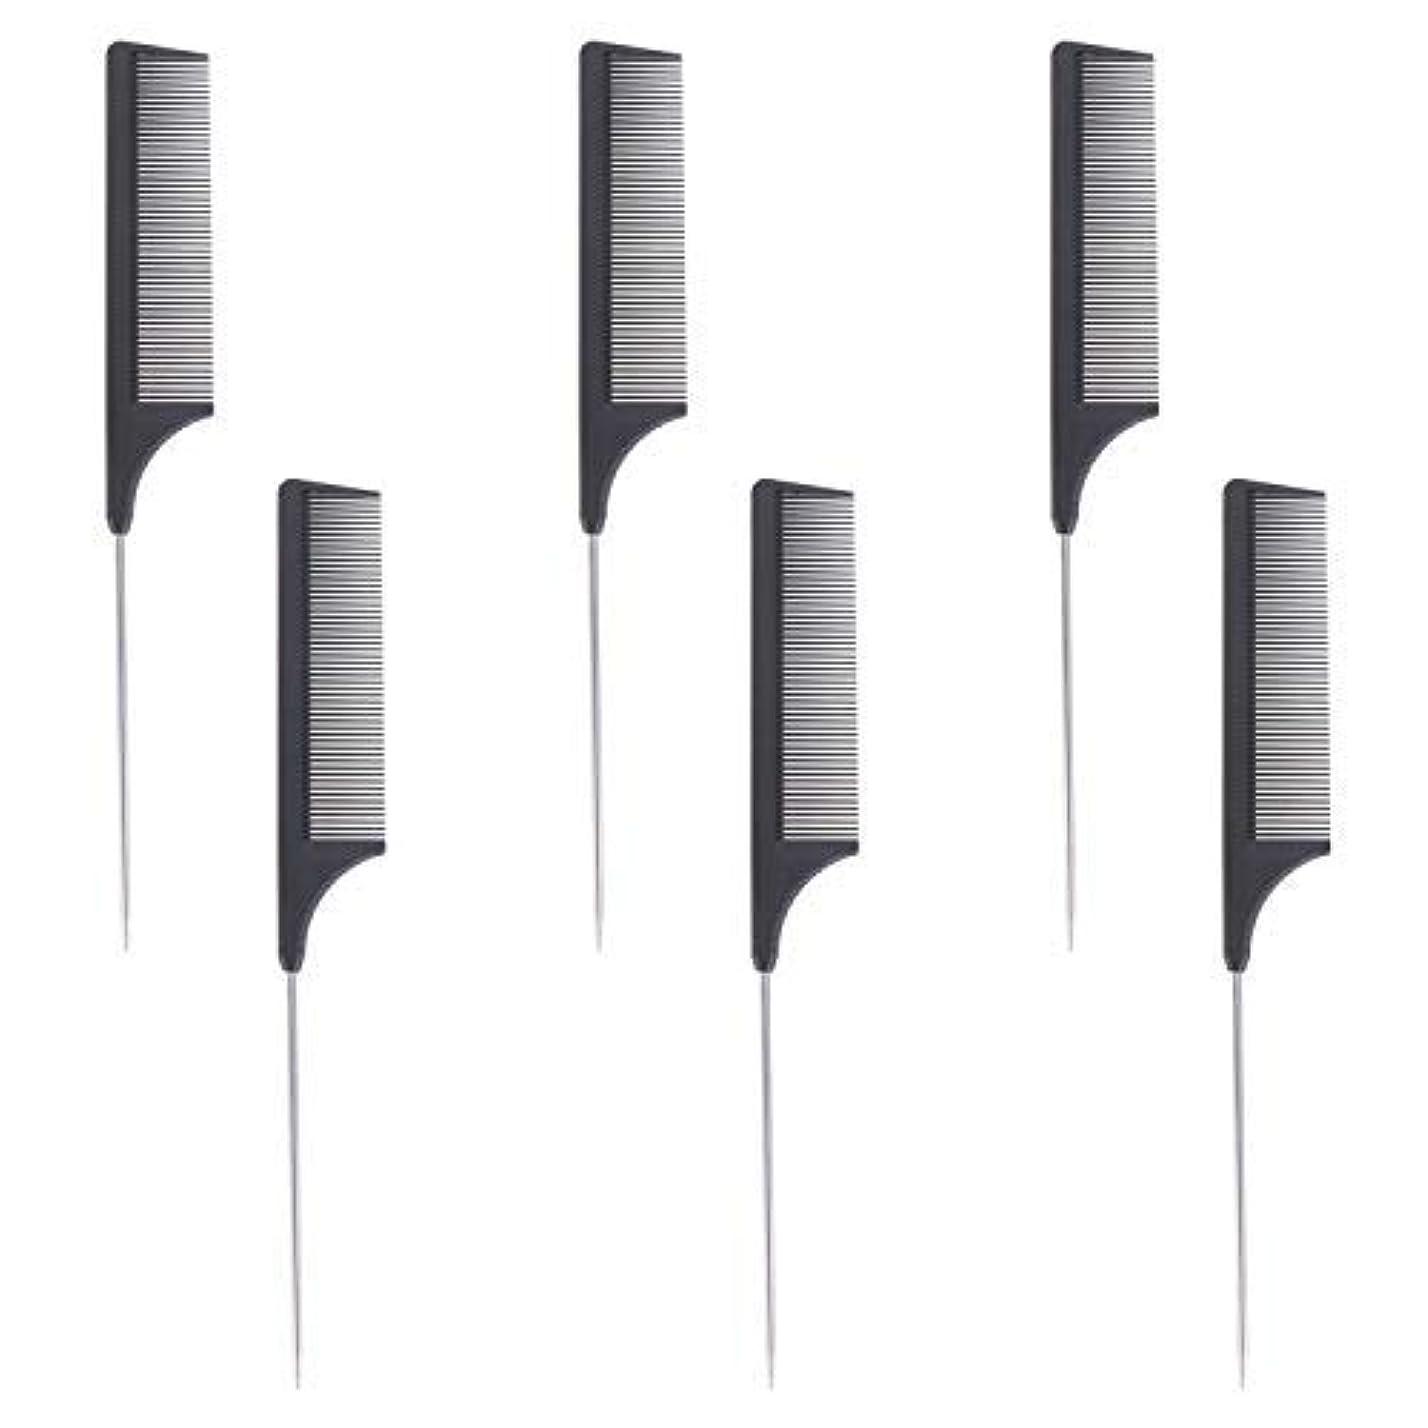 ステーキインタラクションスラム6 Pieces Comb Black Tail Styling Comb Chemical Heat Resistant Teasing Comb Carbon Fiber Hair Styling Combs for...